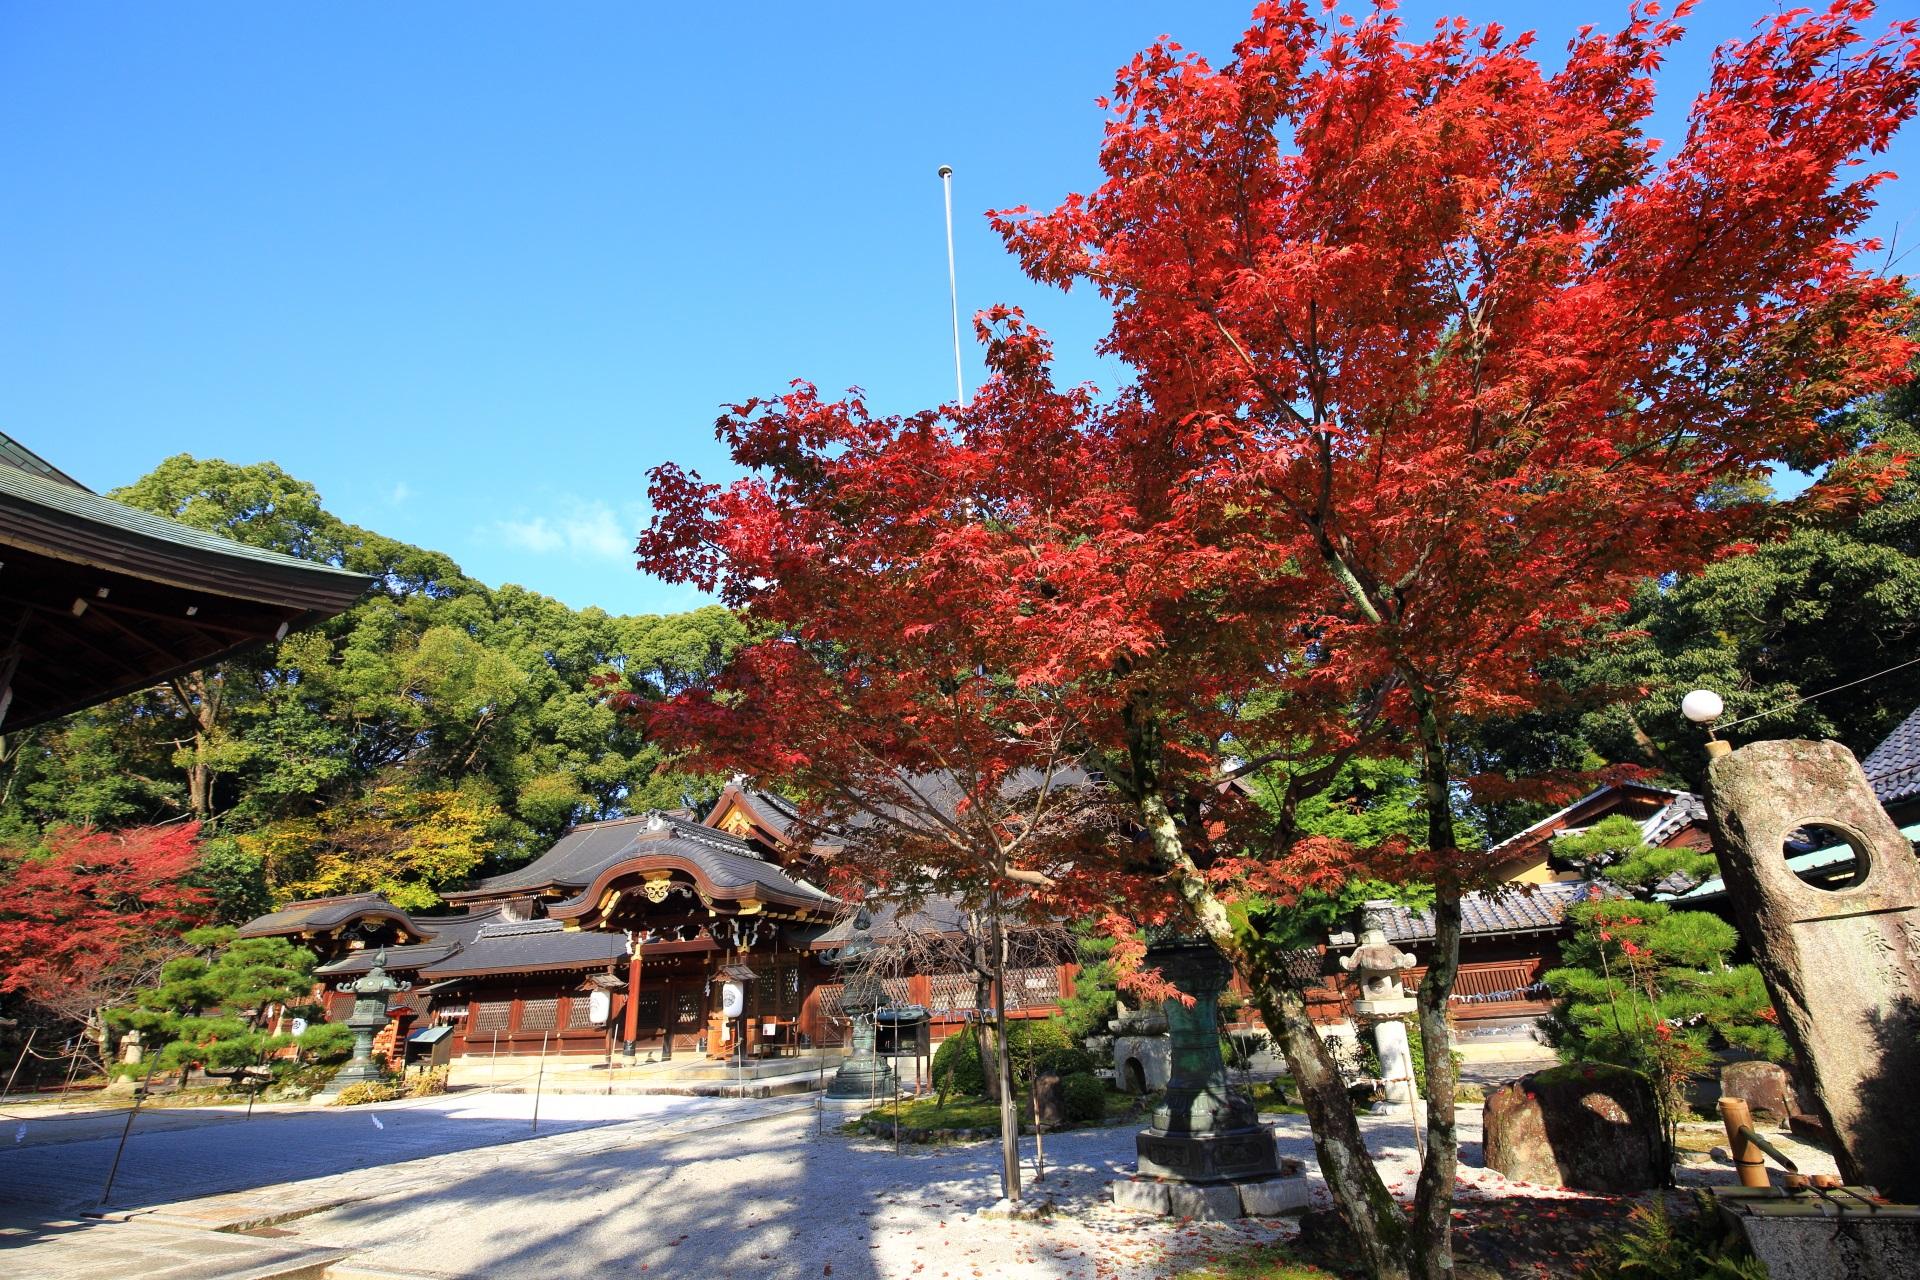 今宮神社 紅葉 玉の輿神社の秋の彩りと銀杏